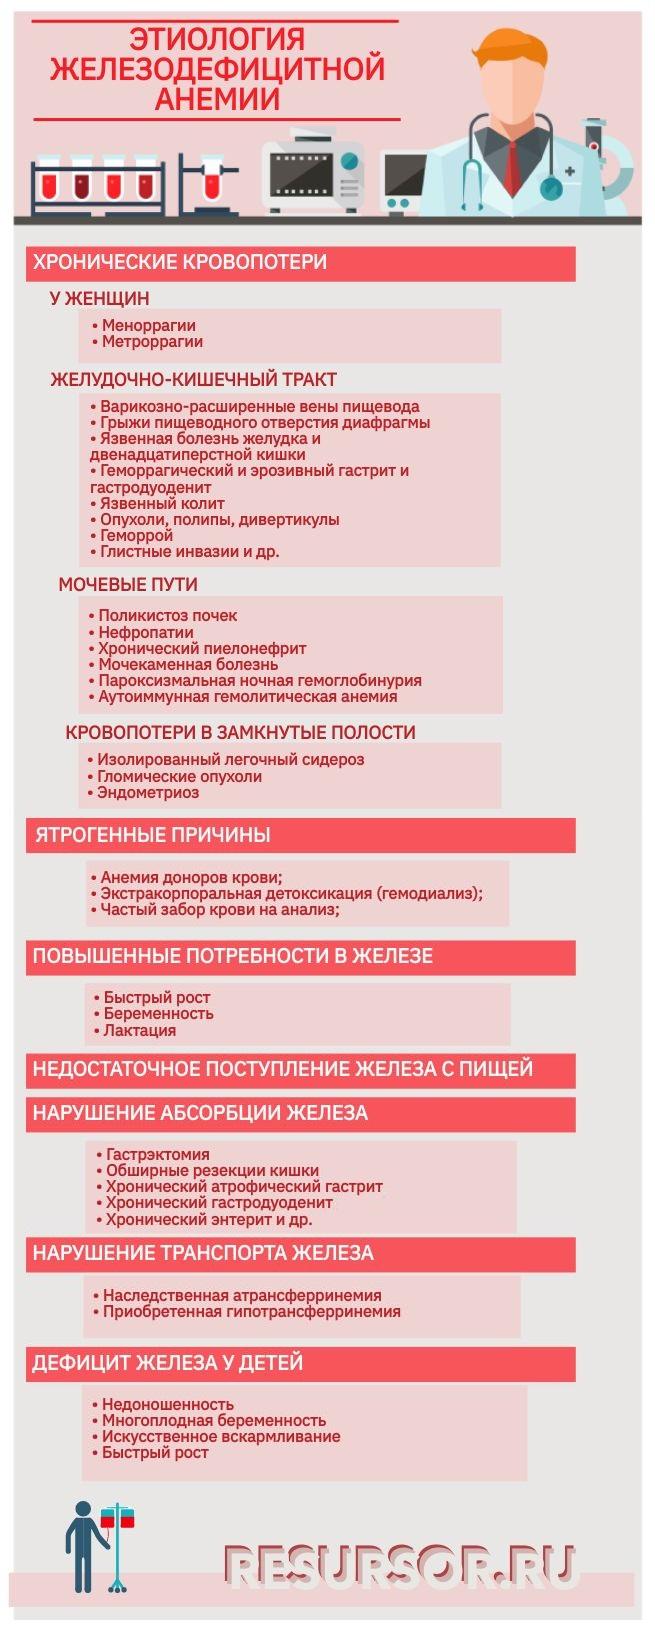 Этиология железодефицитных анемий в инфографике, медицинская энциклопедия РЕСУРСОР